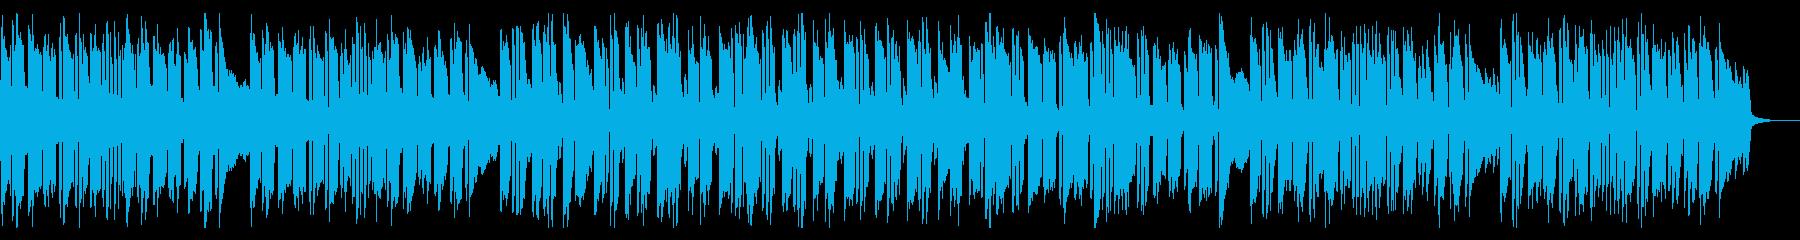 キラキラしたクールな曲の再生済みの波形